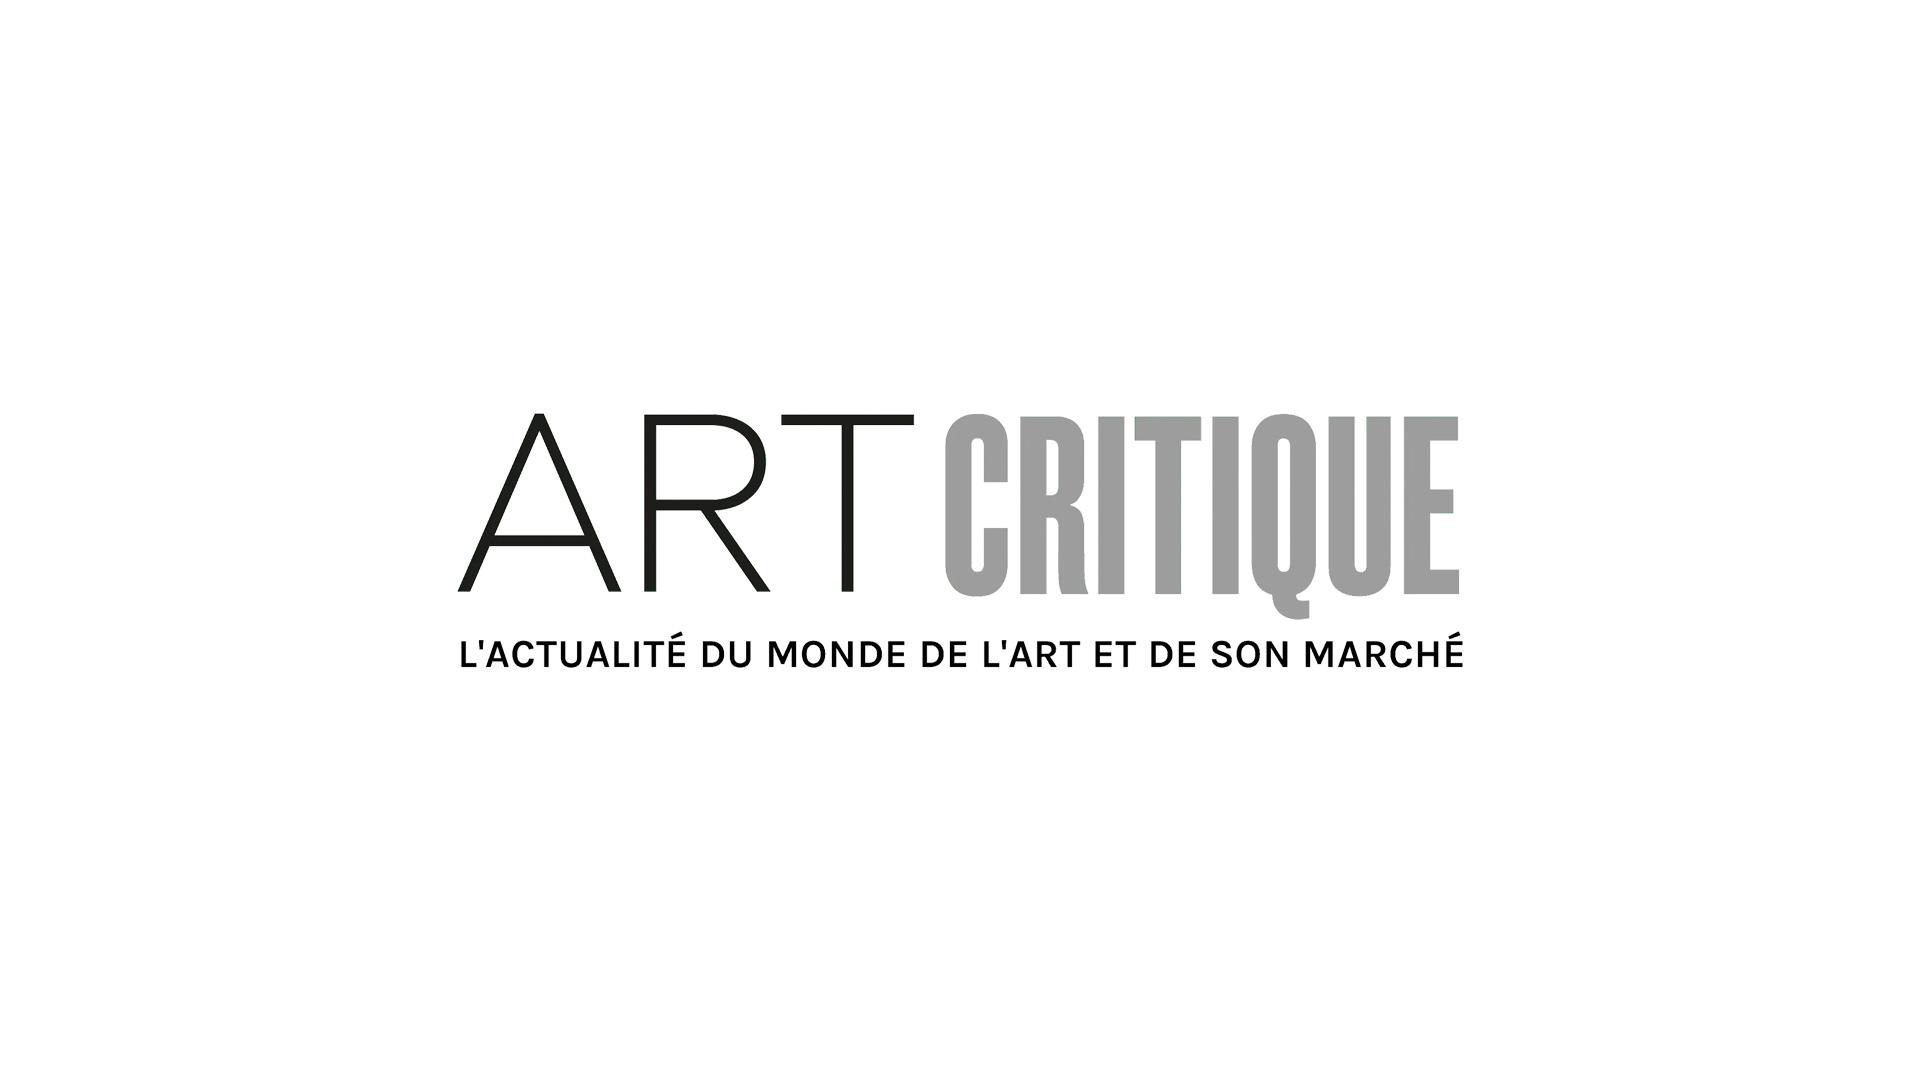 Les tapisseries de Raphaël exceptionnellement exposées à la chapelle Sixtine